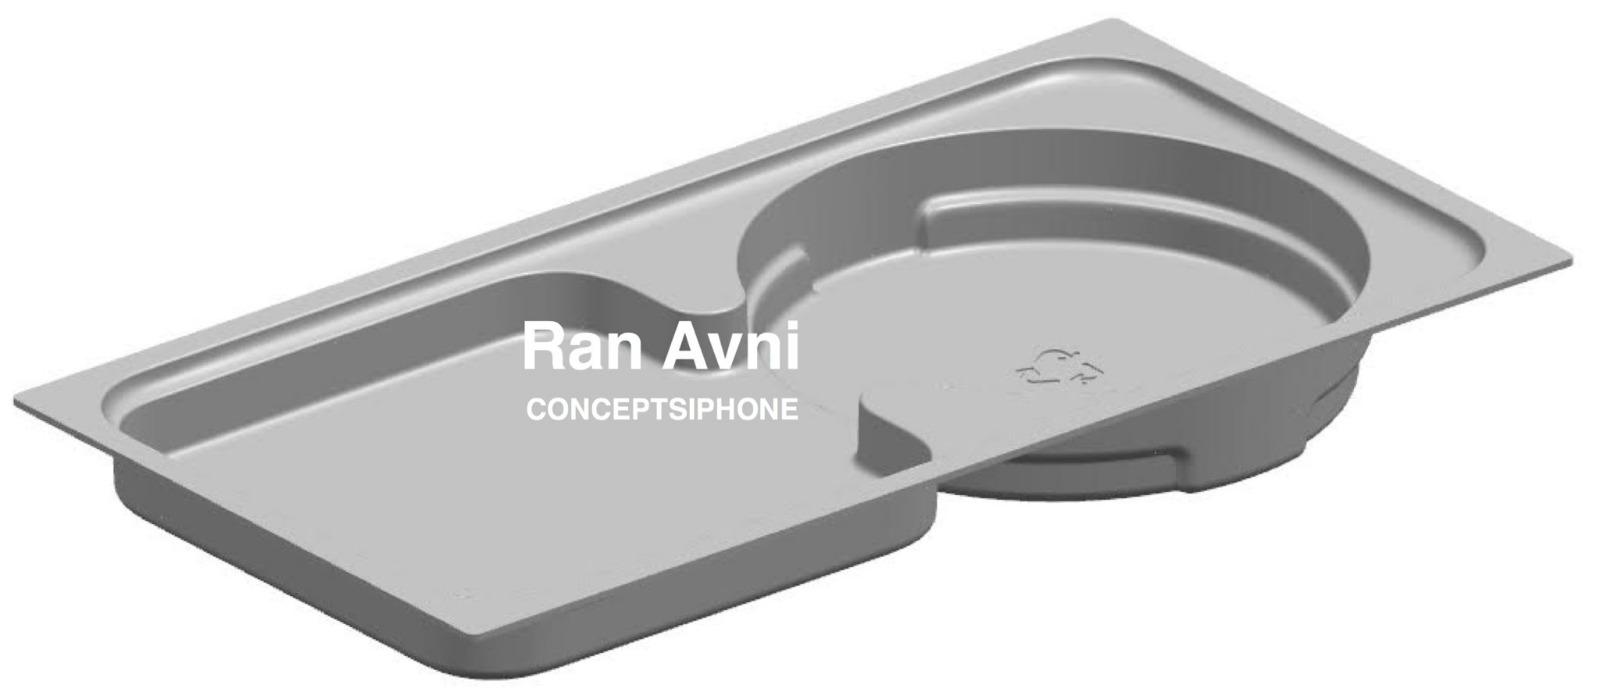 Mix de noticias III: Note 20 confirmado, Realme lleva la carga rápida al límite y Samsung tampoco incluiría cargador en la caja de sus productos